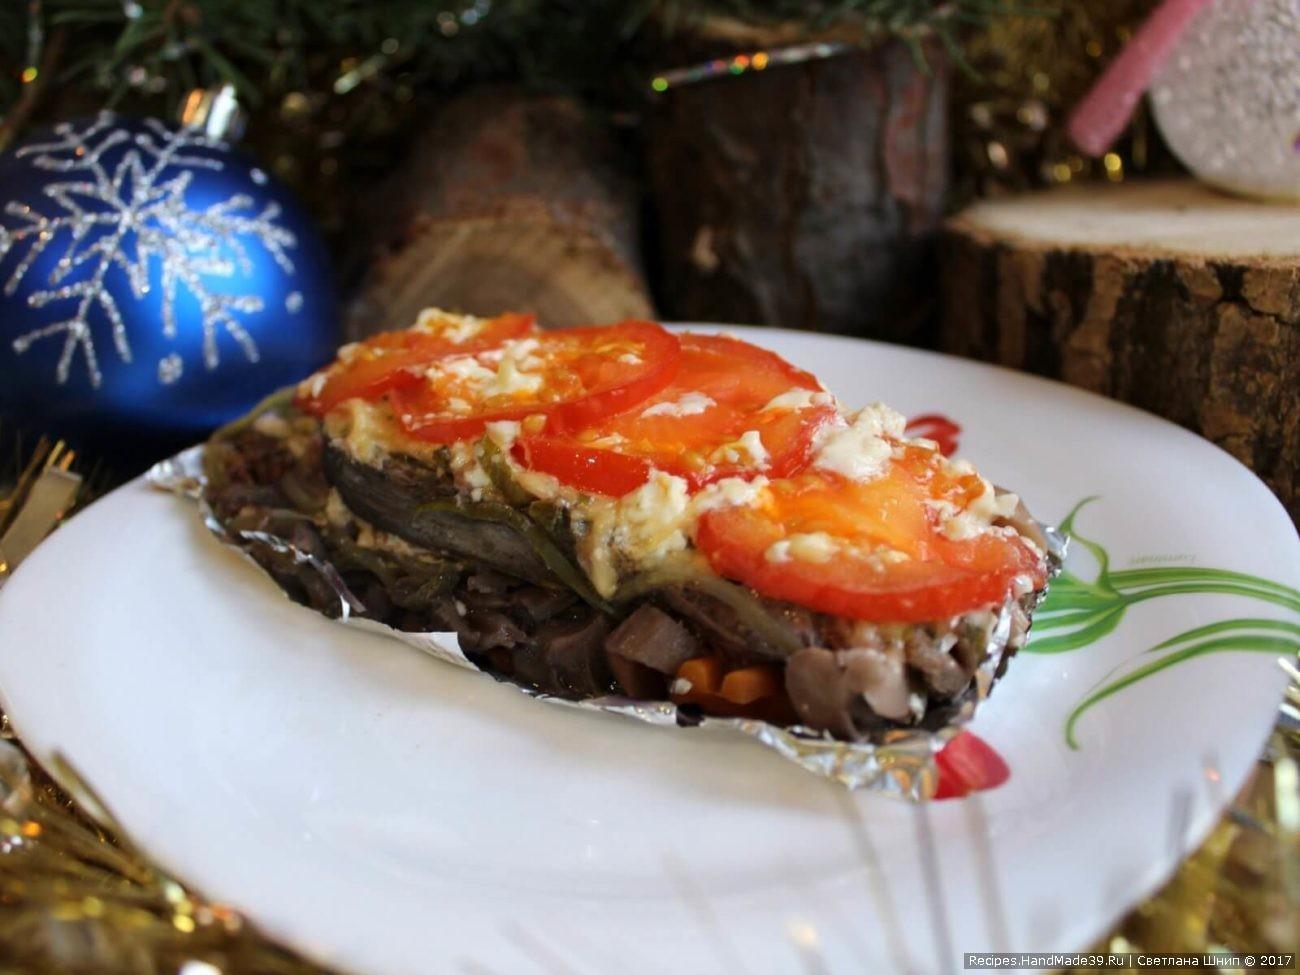 Сёмга на овощной подушке с грибами, запечённая в духовке